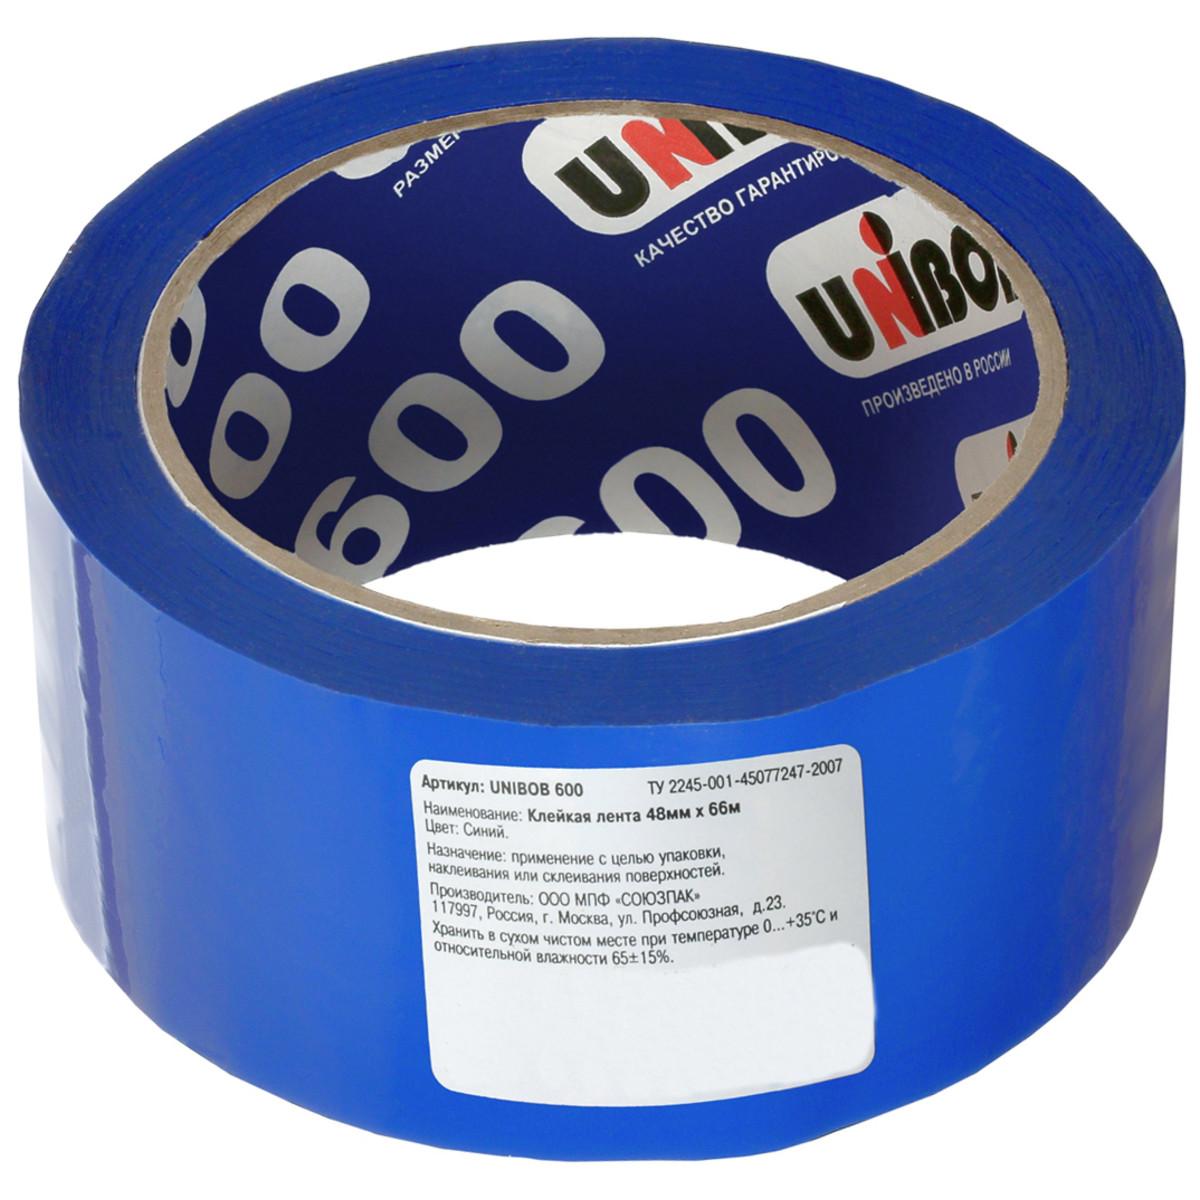 Лента клейкая упаковочная Unibob 48 мм x 66 м цвет синий